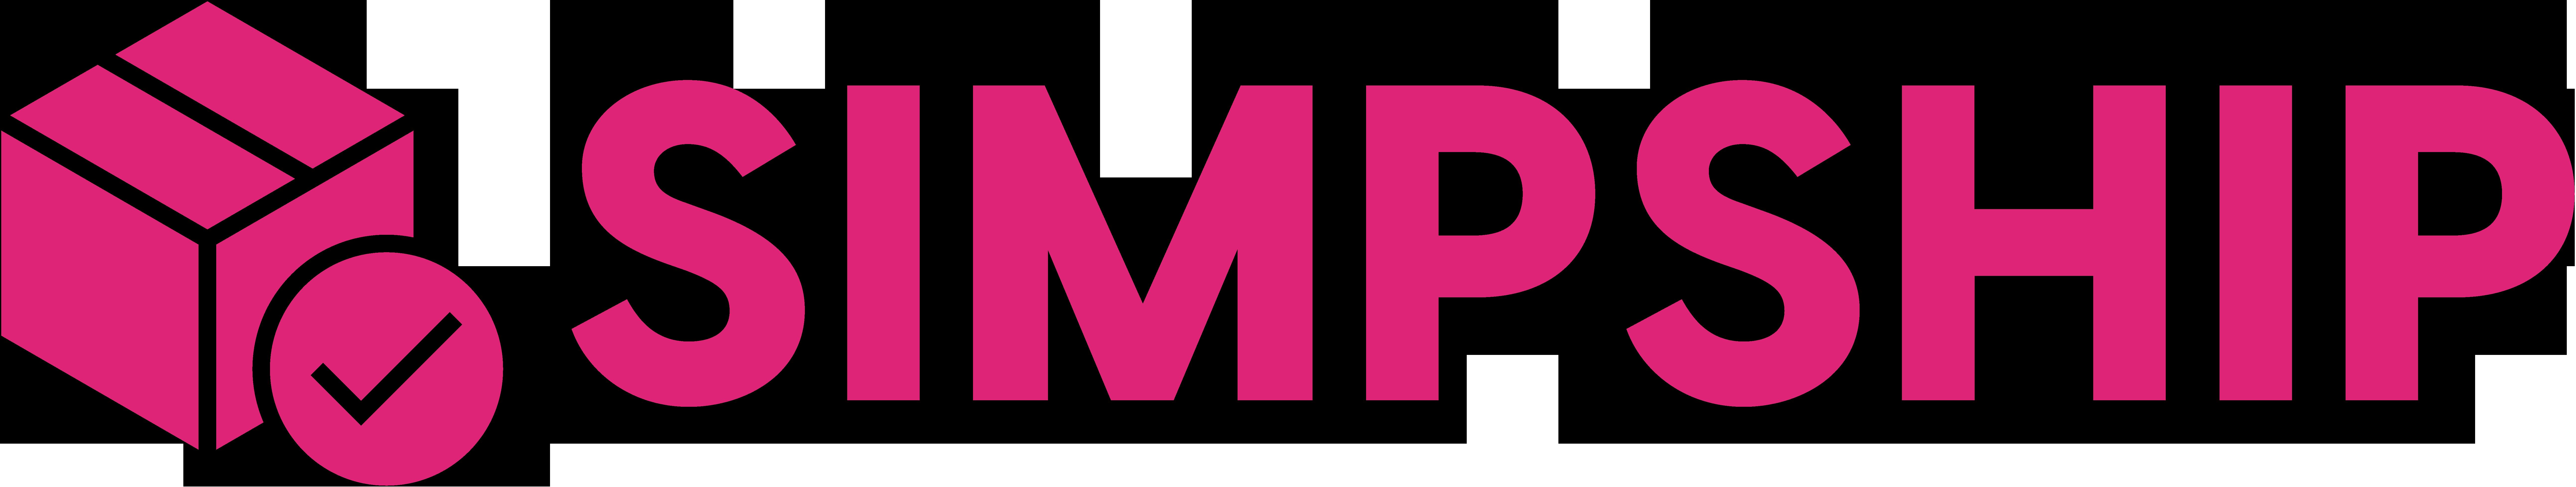 pink simpship logo